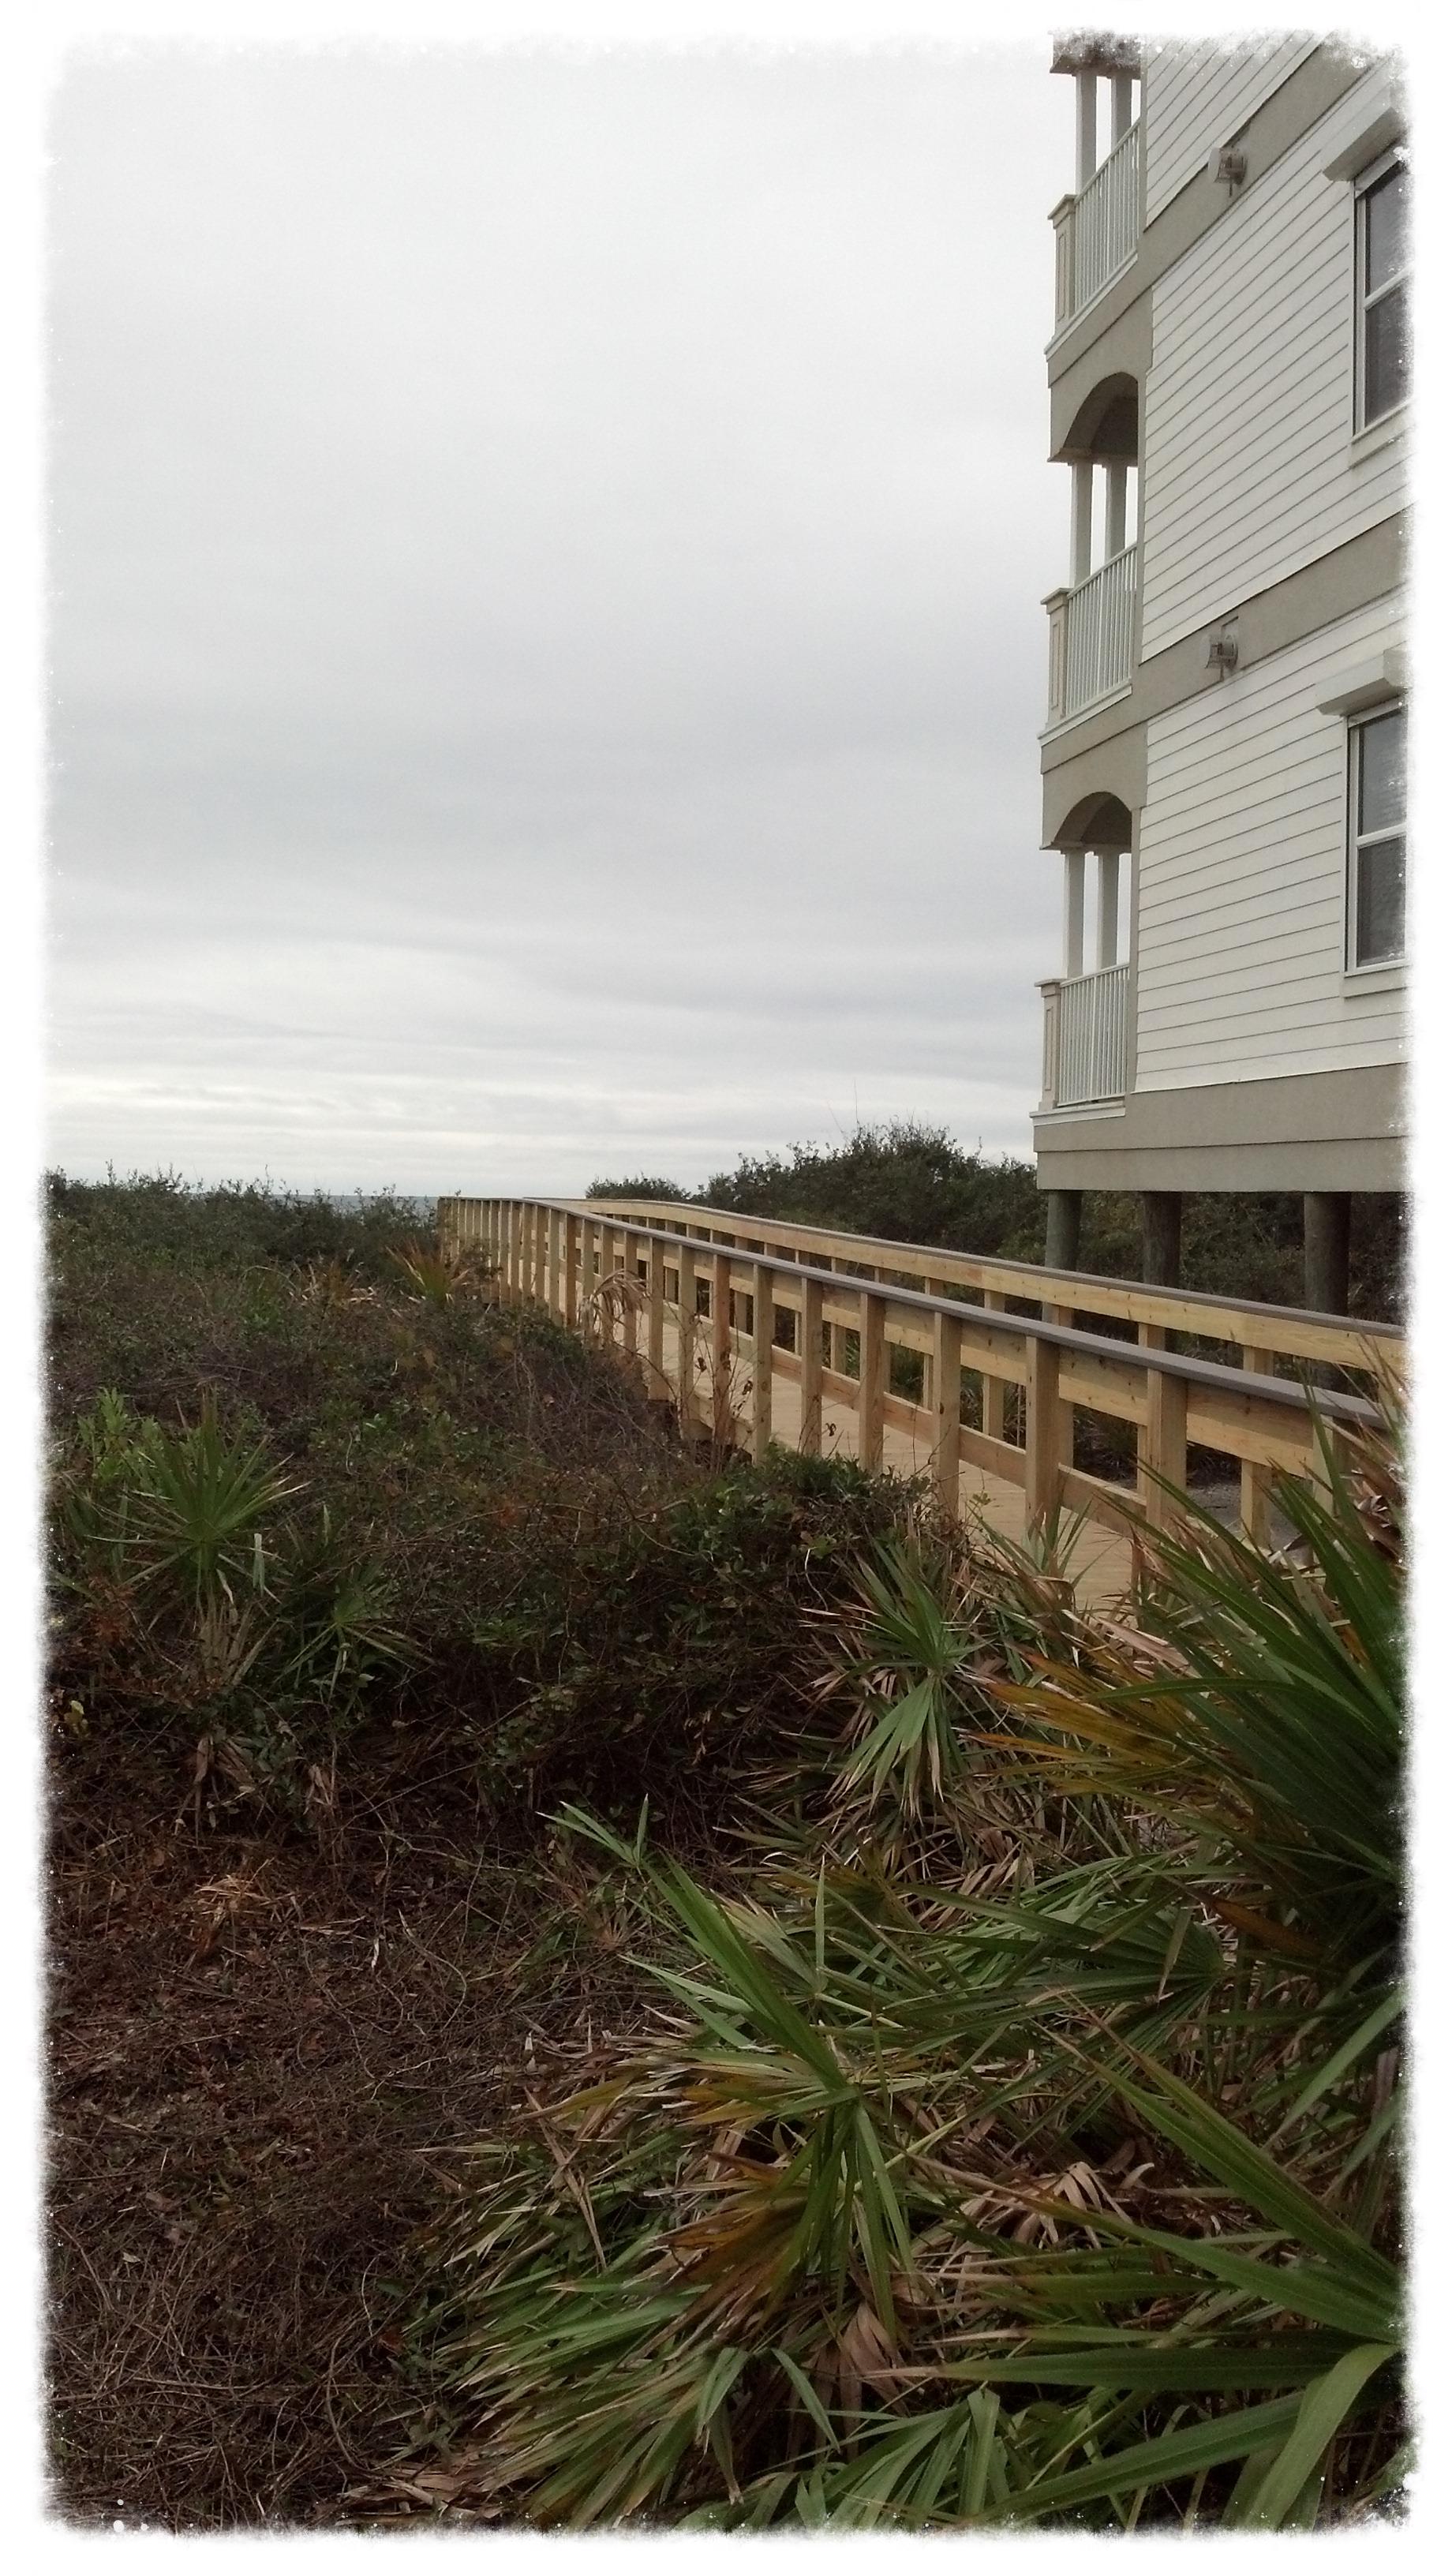 South Walton Boardwalk Builder